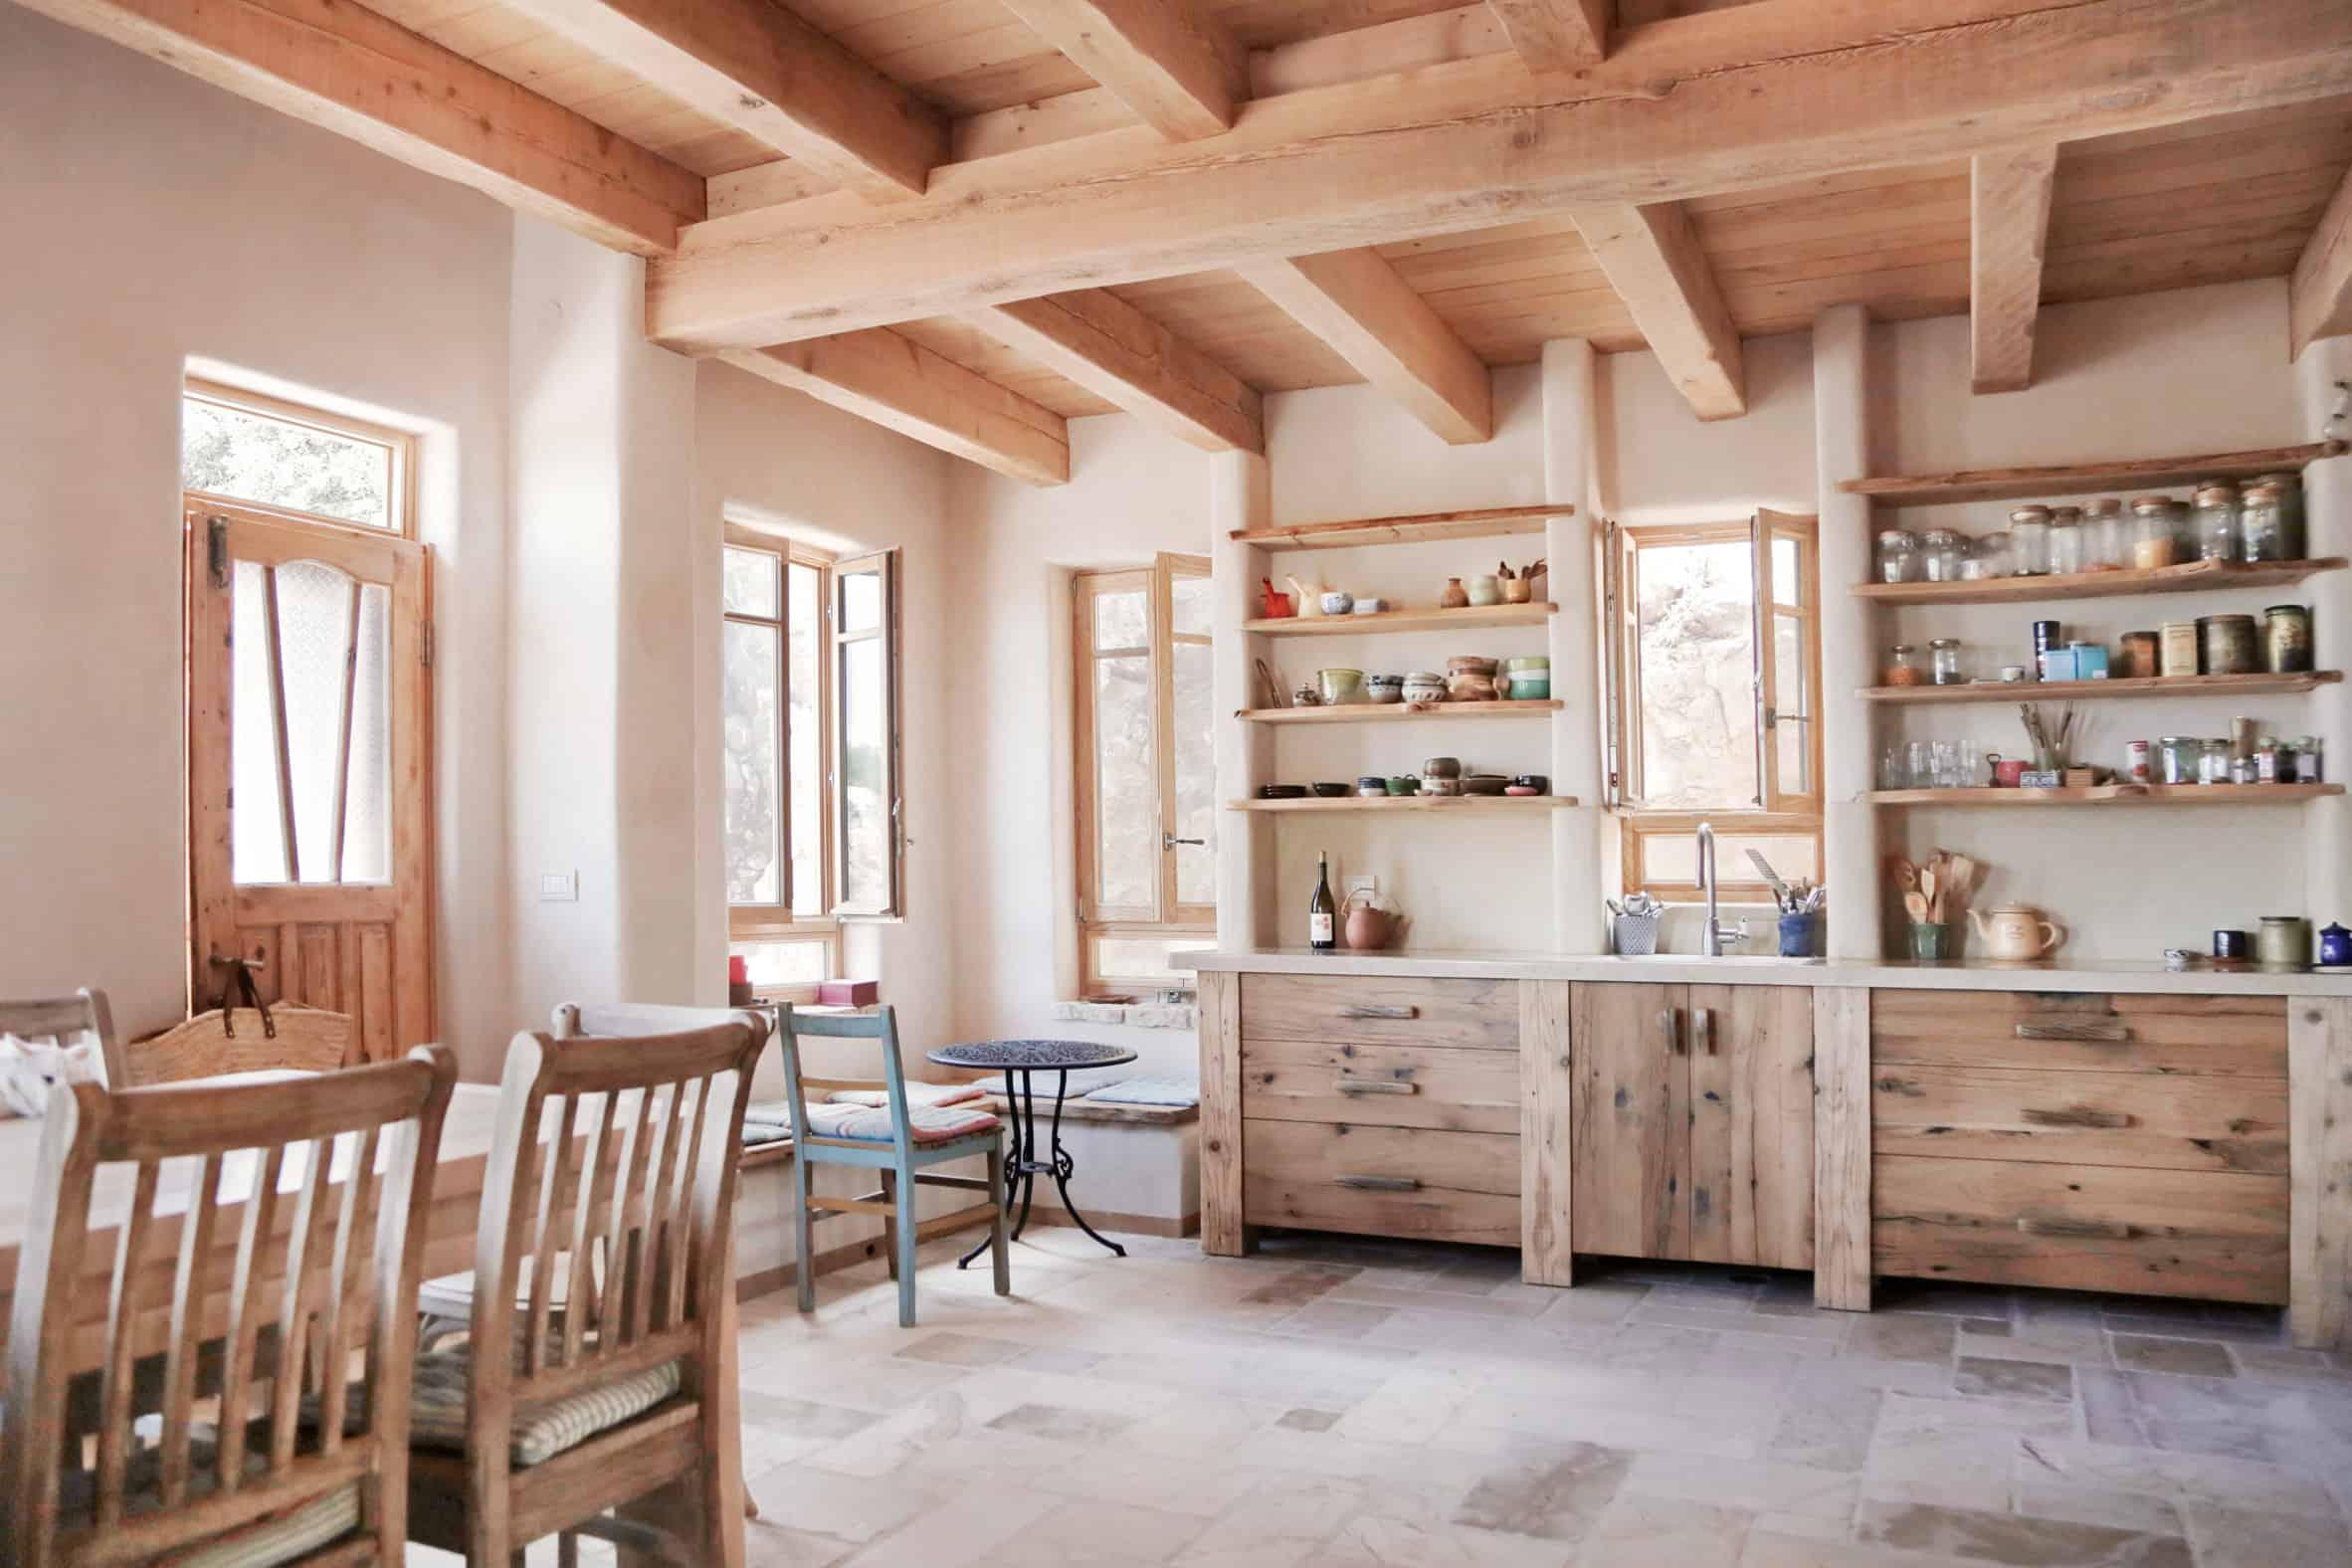 maison écologique en chanvre cuisine décoration naturelle blog déco lili in wonderland